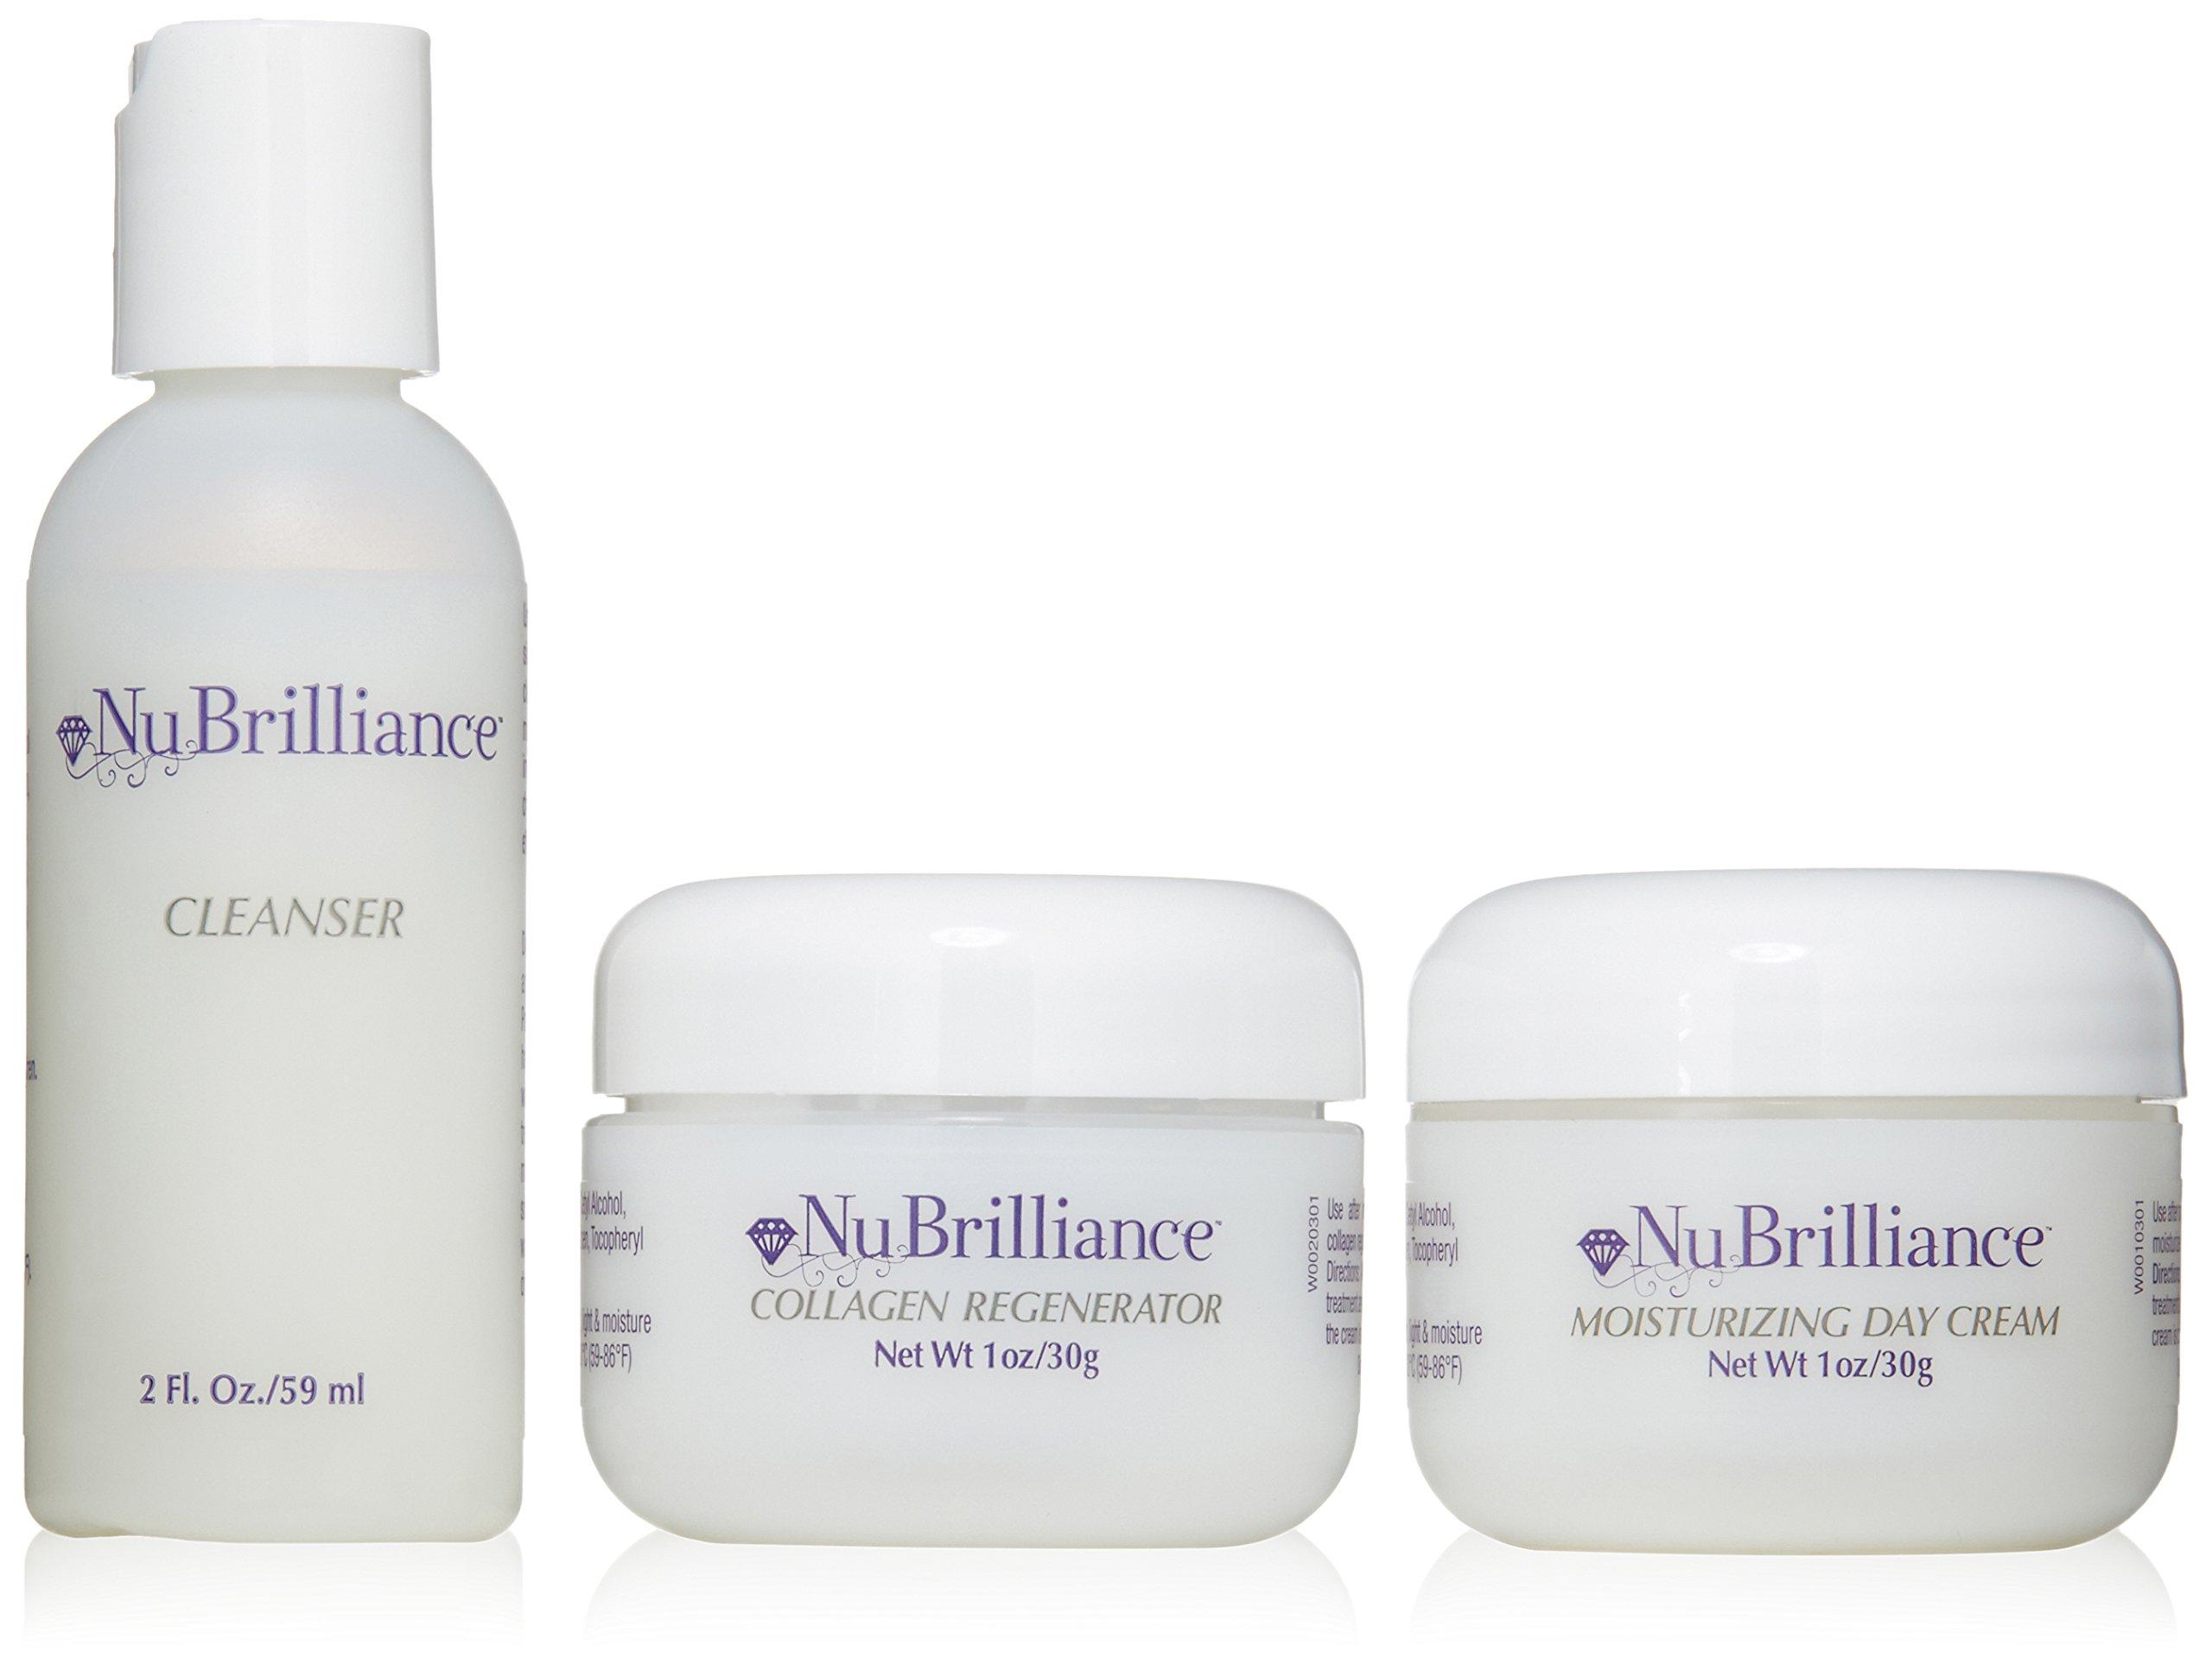 NuBrilliance 3-Piece Skin Care Treatment System